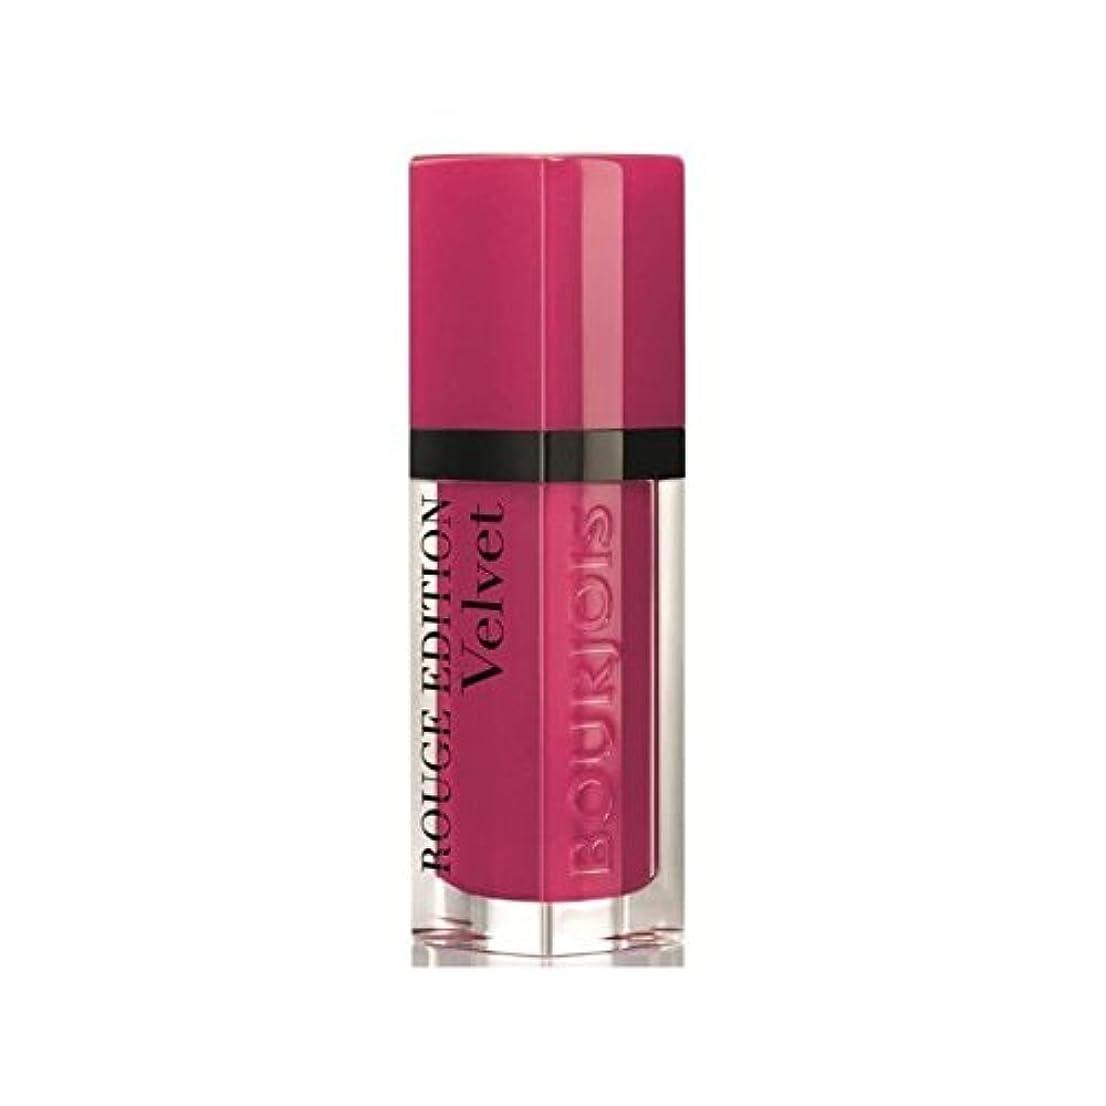 不機嫌に沿って夕食を食べるブルジョワルージュ版のベルベットの口紅フラミンゴ5 x2 - Bourjois Rouge Edition Velvet lipstick Ole Flamingo 5 (Pack of 2) [並行輸入品]